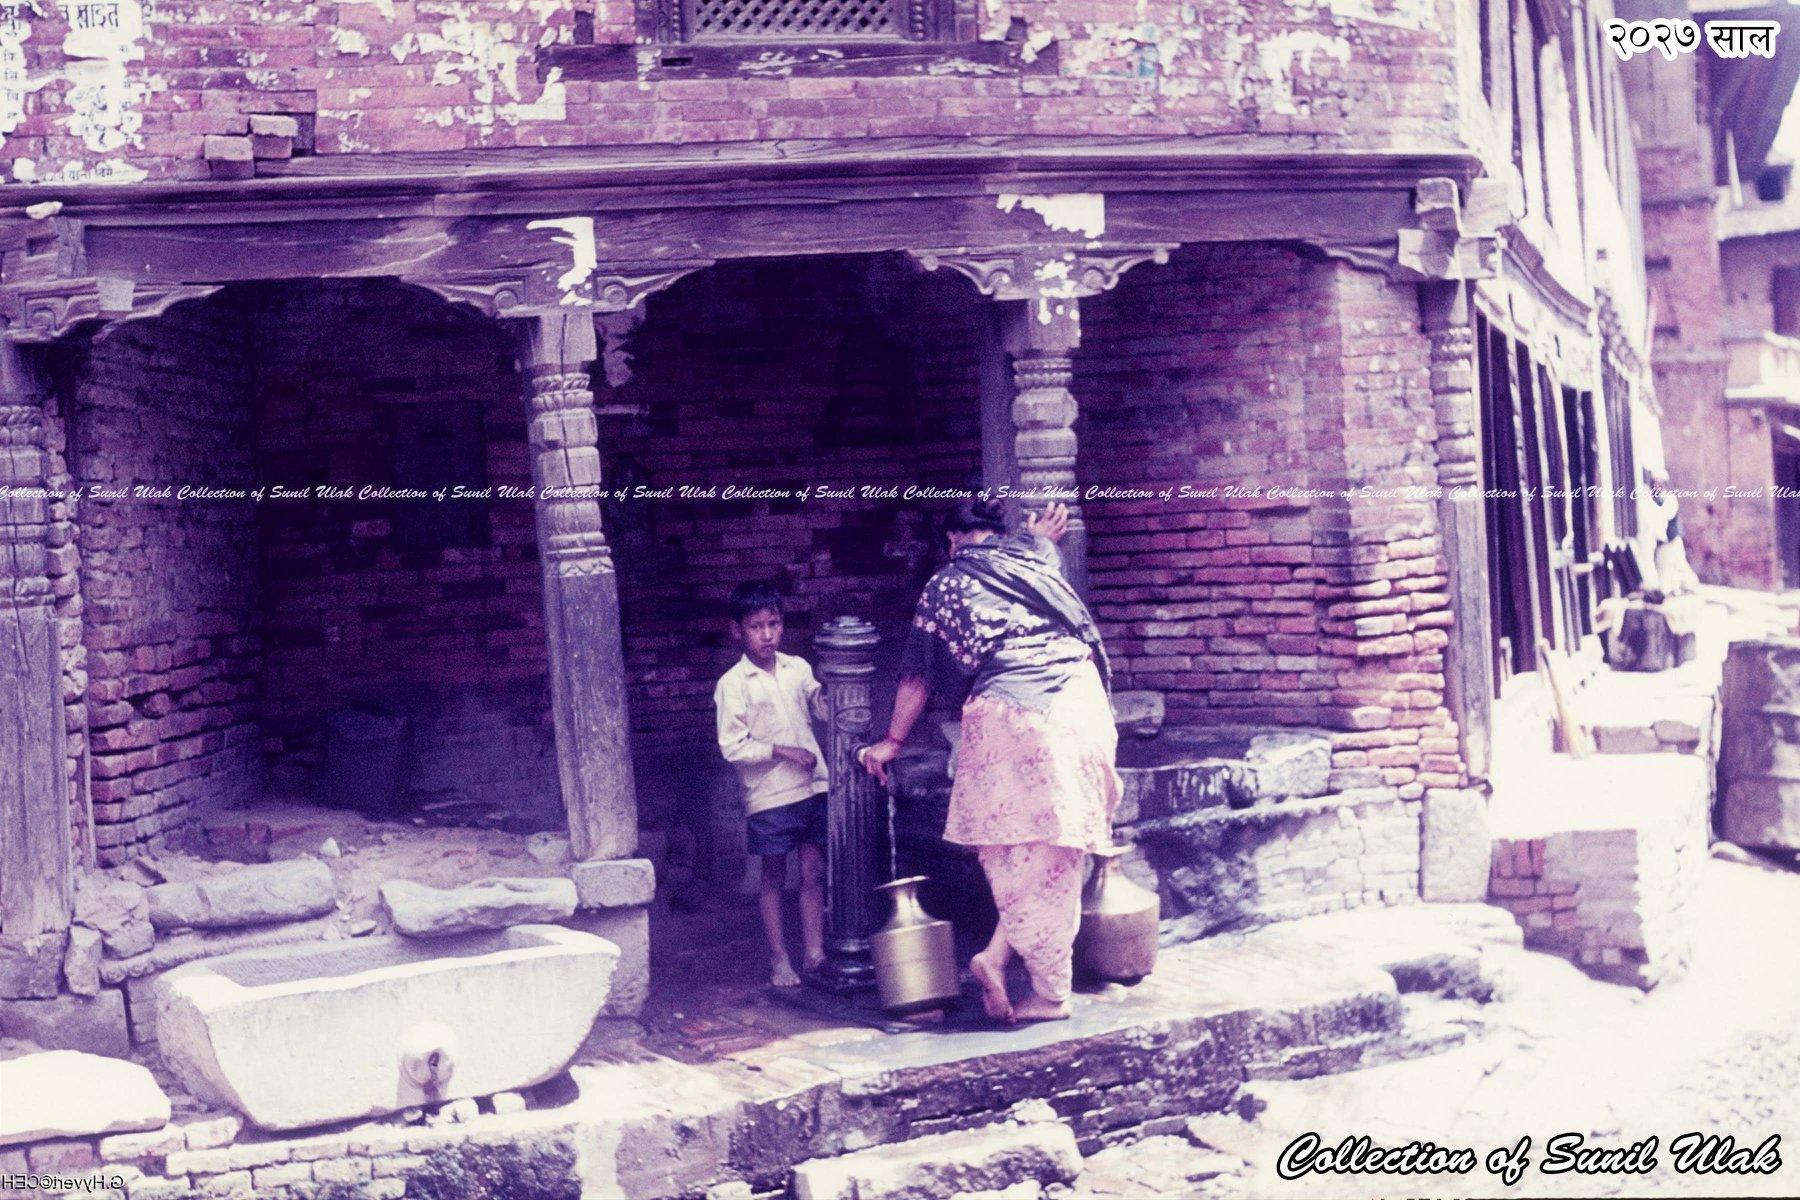 Tap of sakotha image